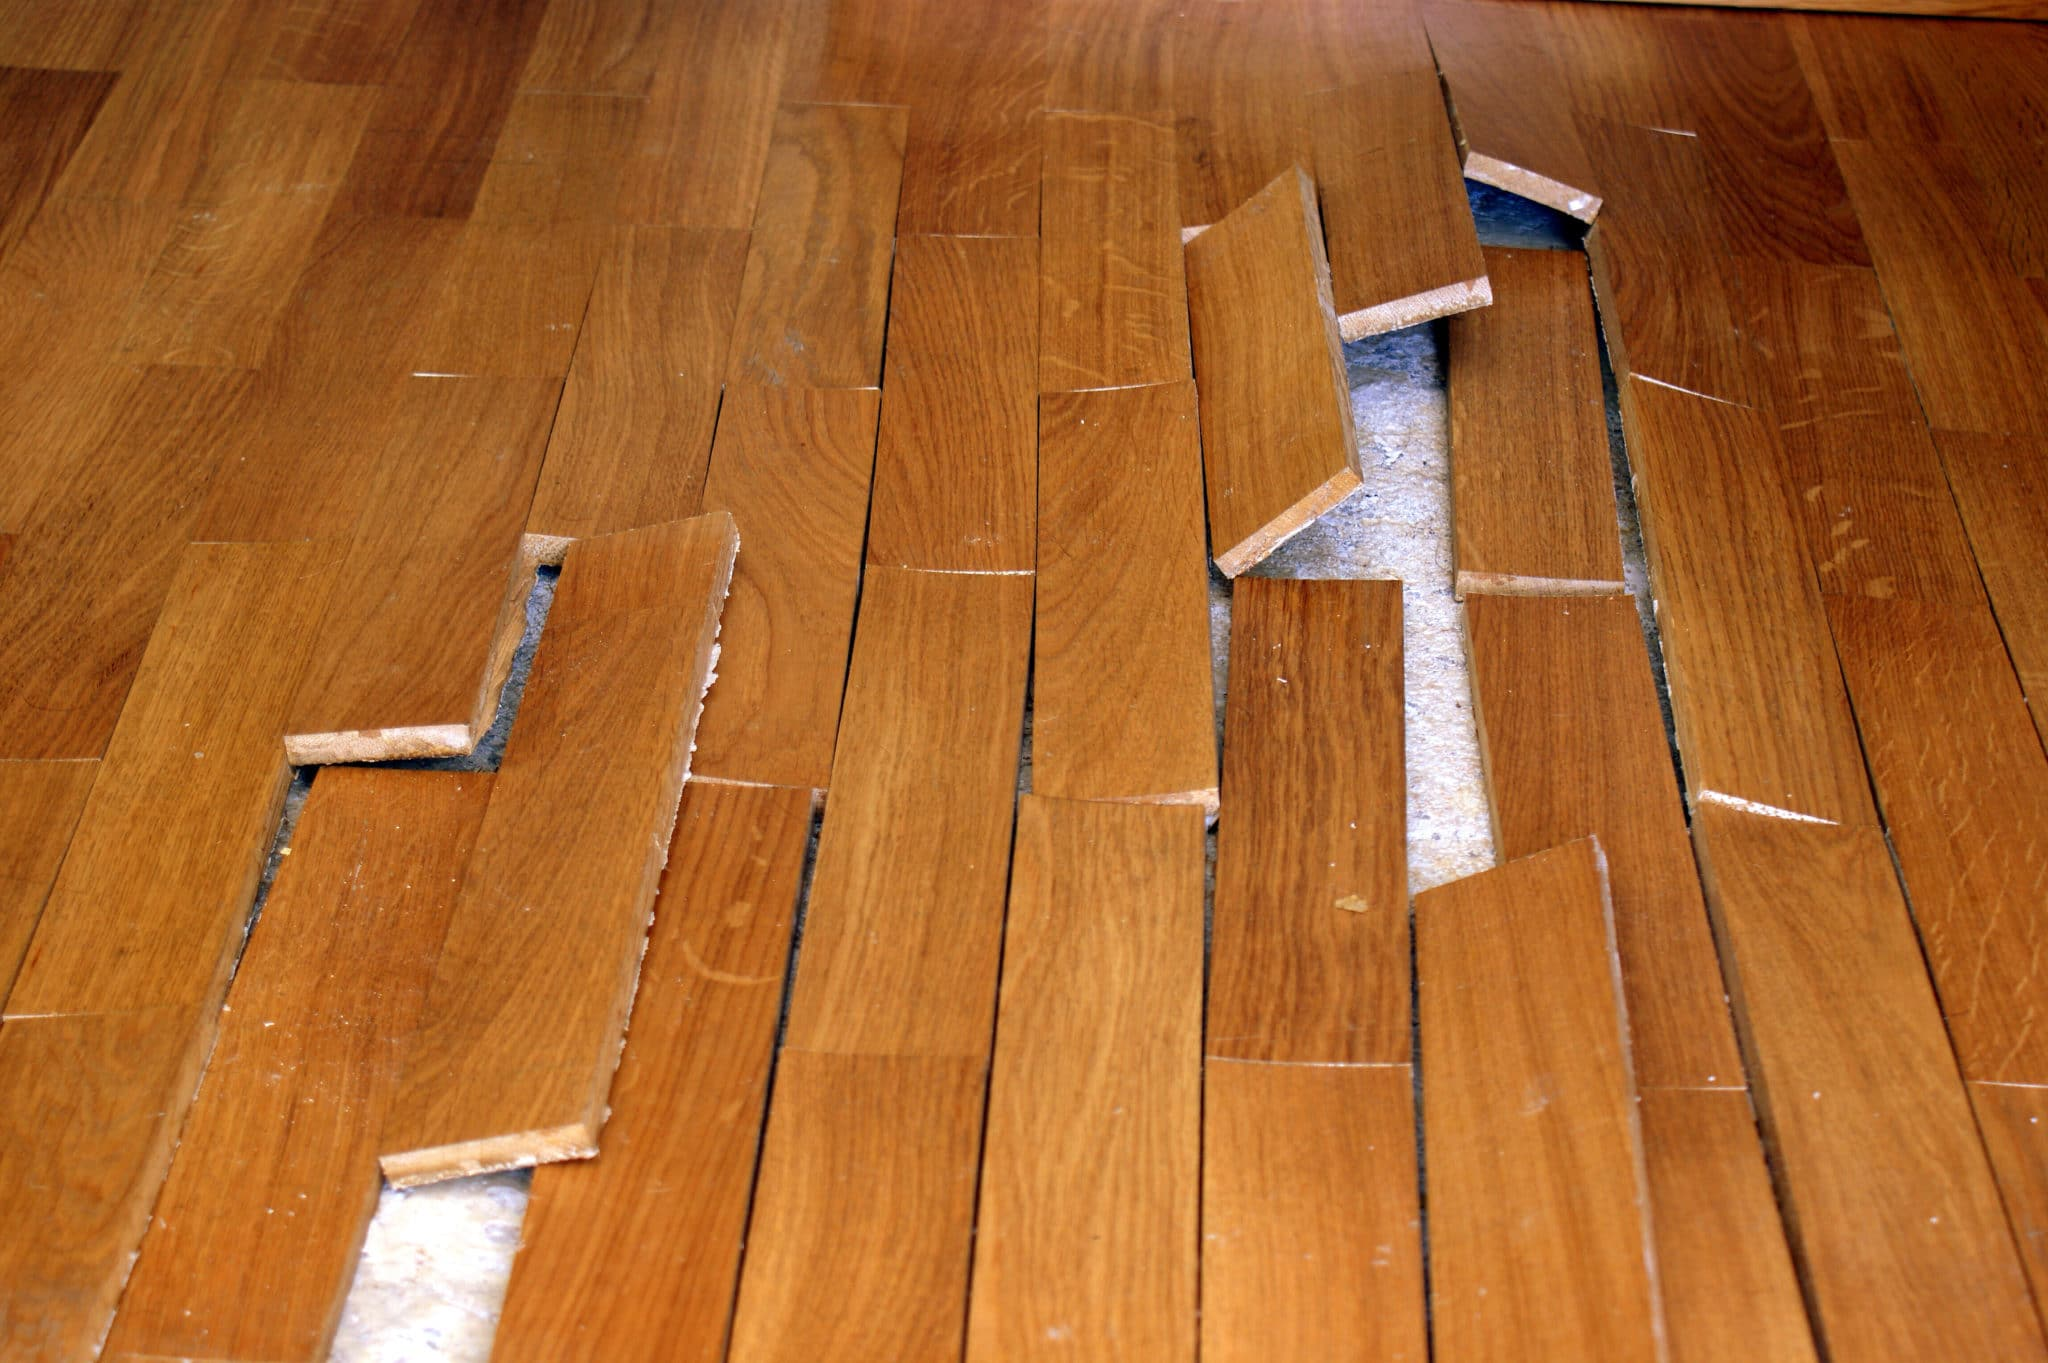 Construction et malfaçons – VEFA : comment obtenir réparation ?